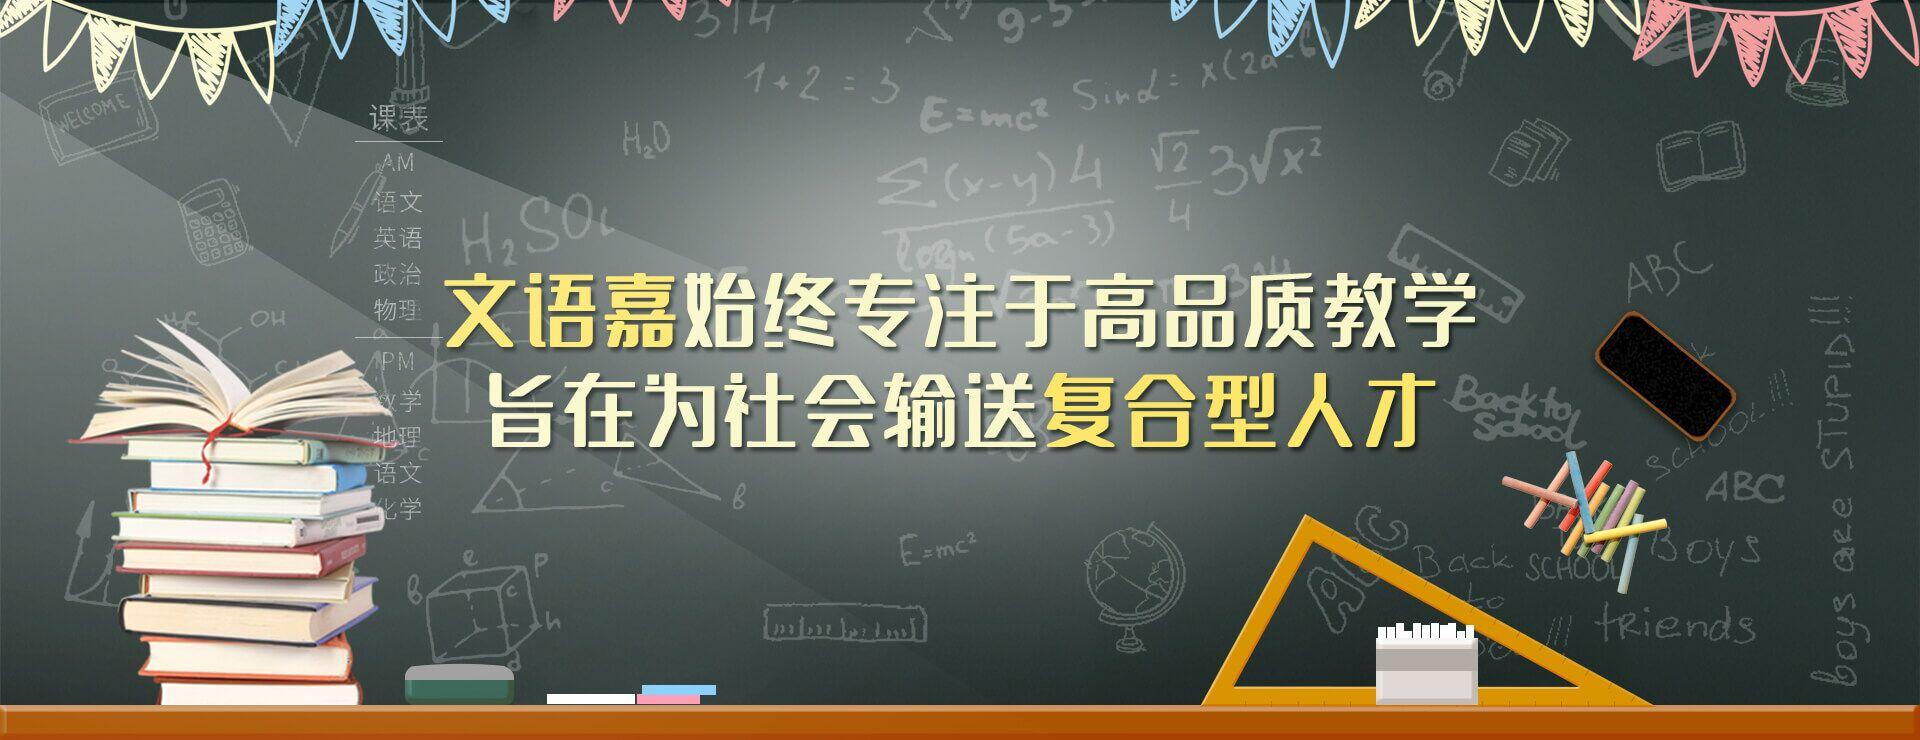 武汉高考艺术生文化课培训